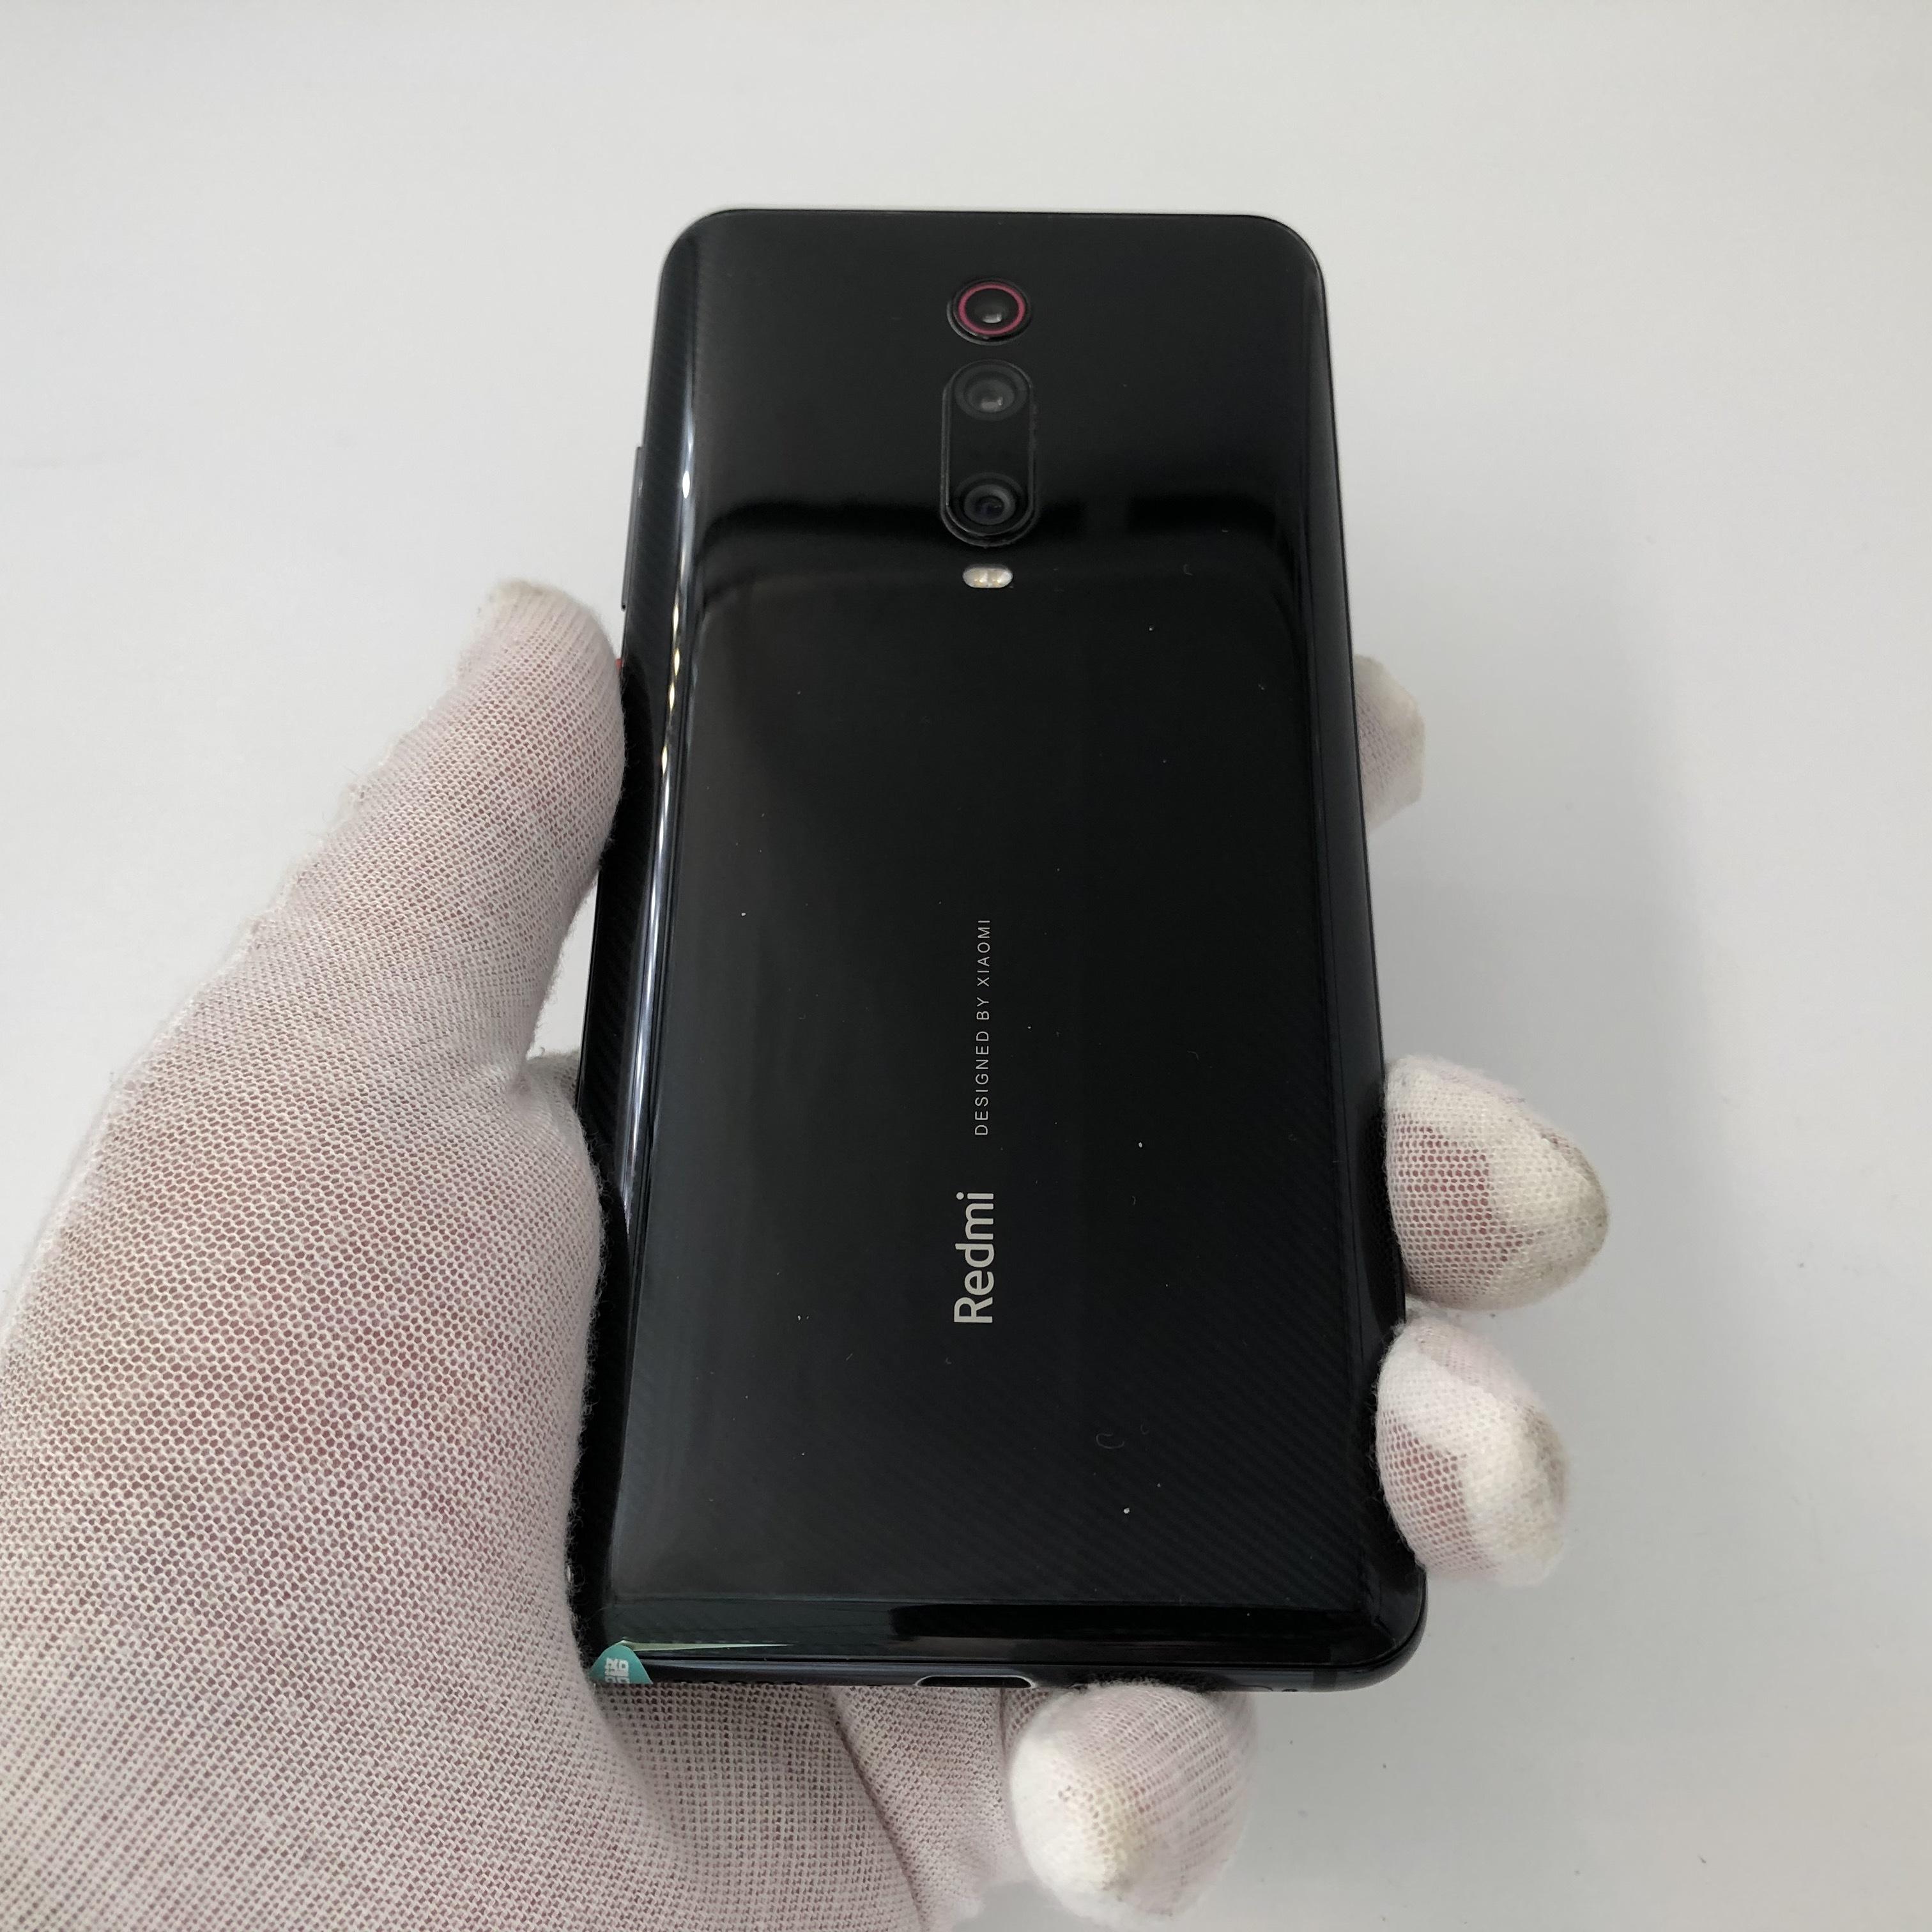 小米【Redmi K20 Pro】4G全网通 黑色 6G/128G 国行 8成新